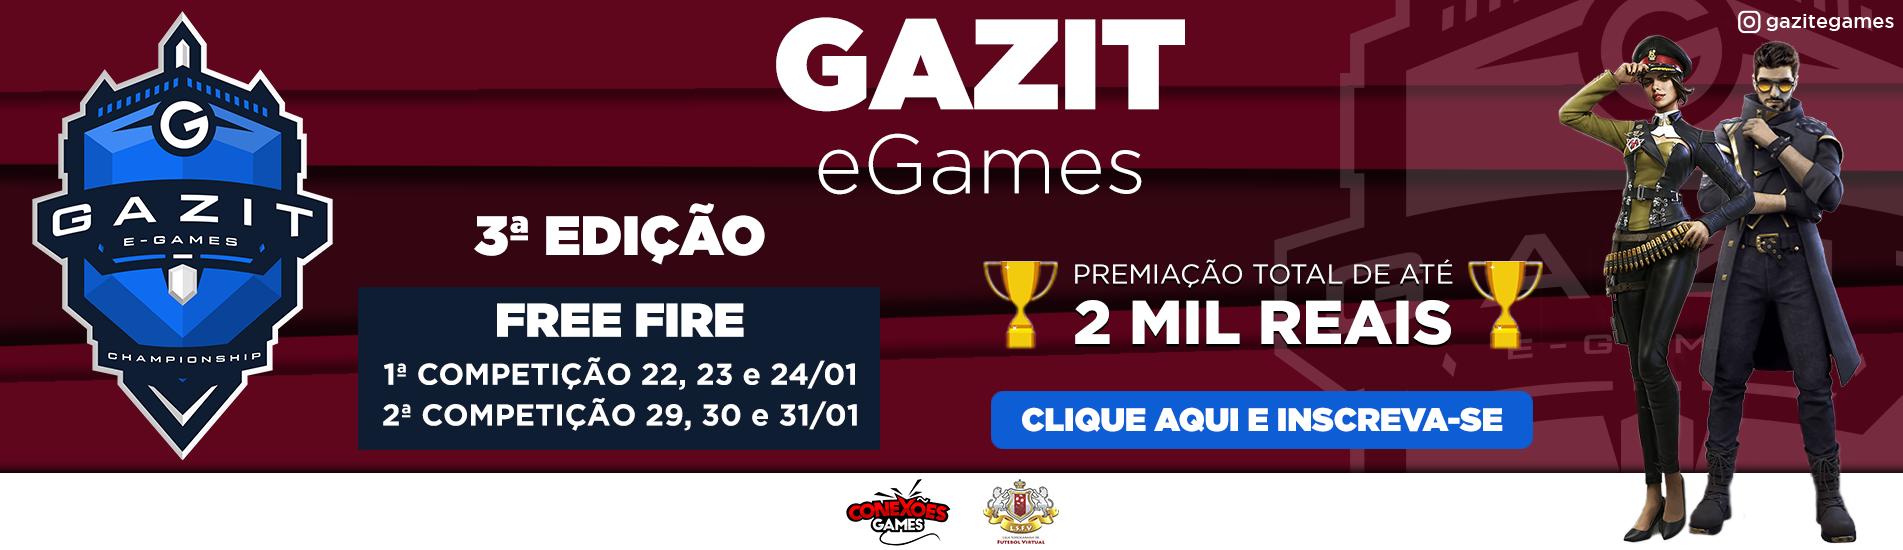 3ª Edição Gazit e-Games